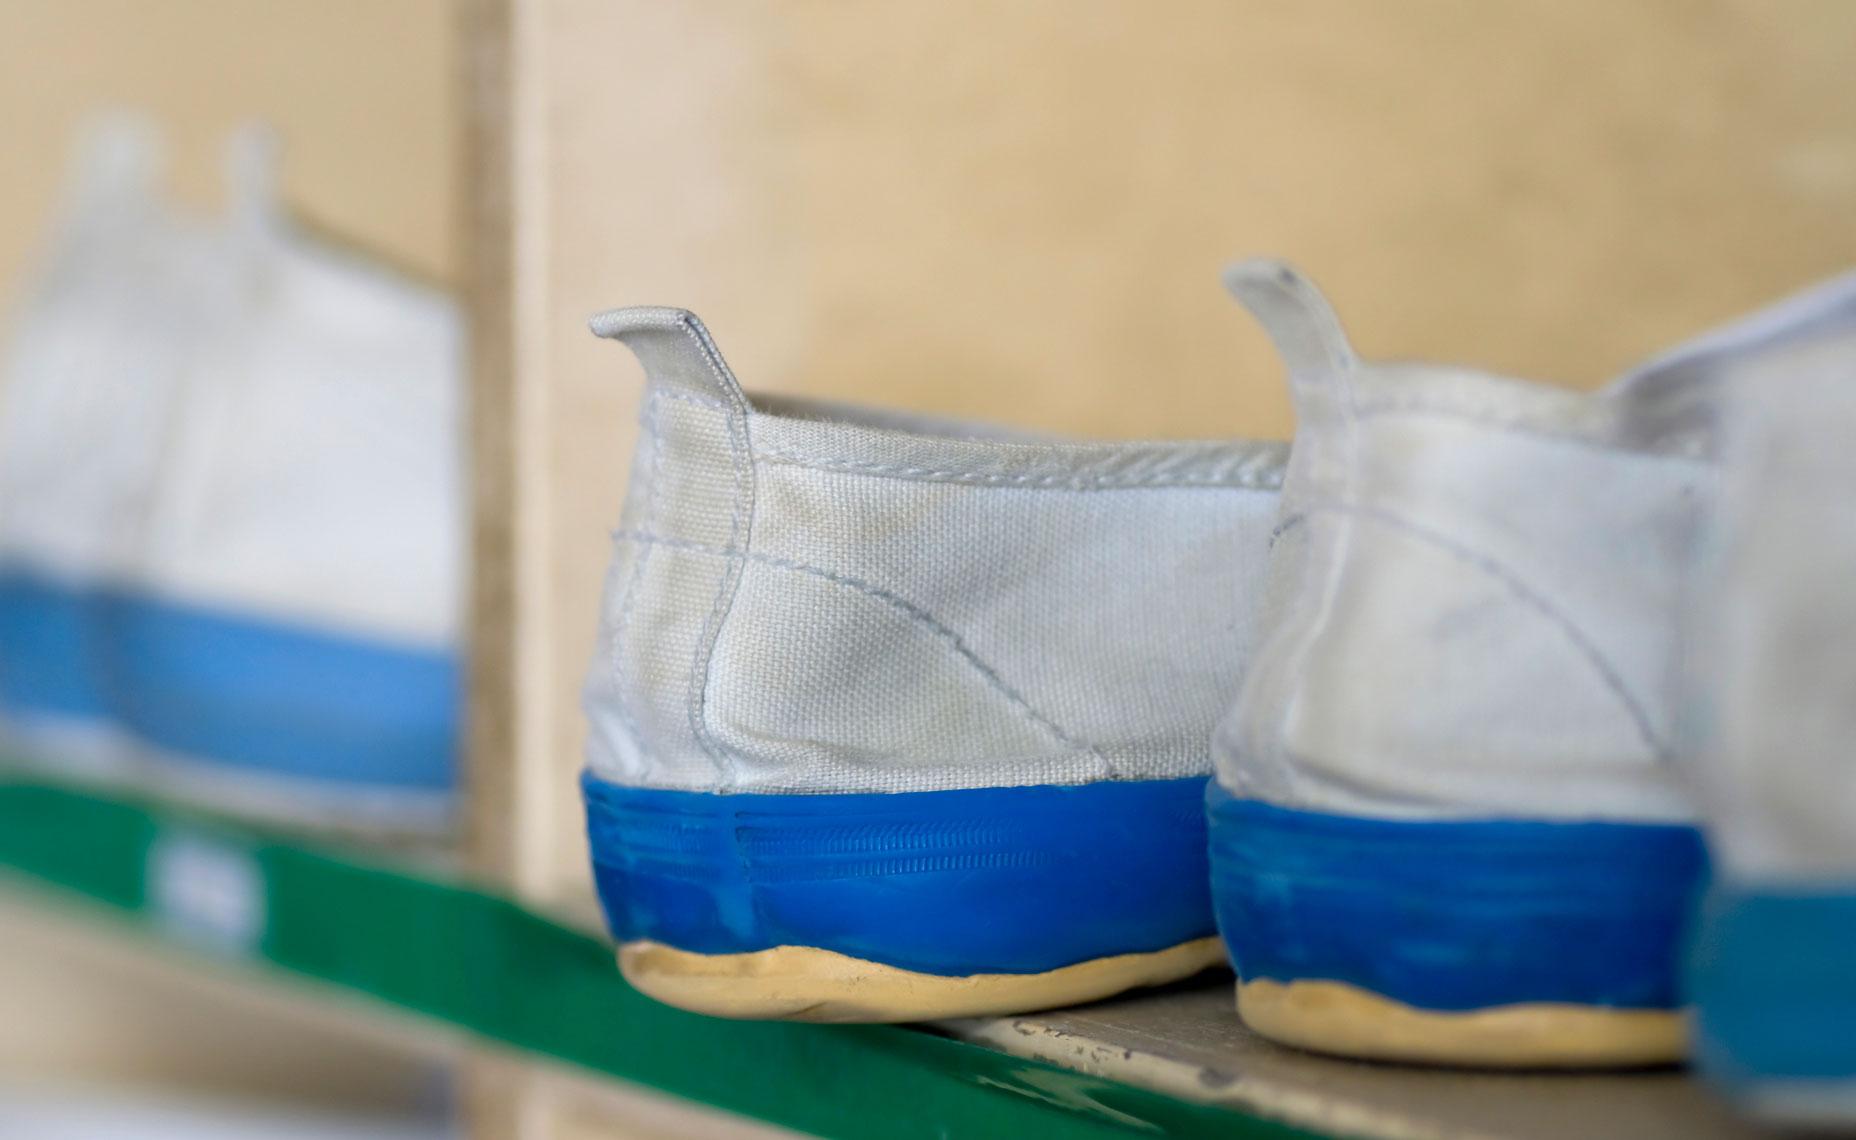 上靴のしつこい汚れをピカピカにする洗濯術